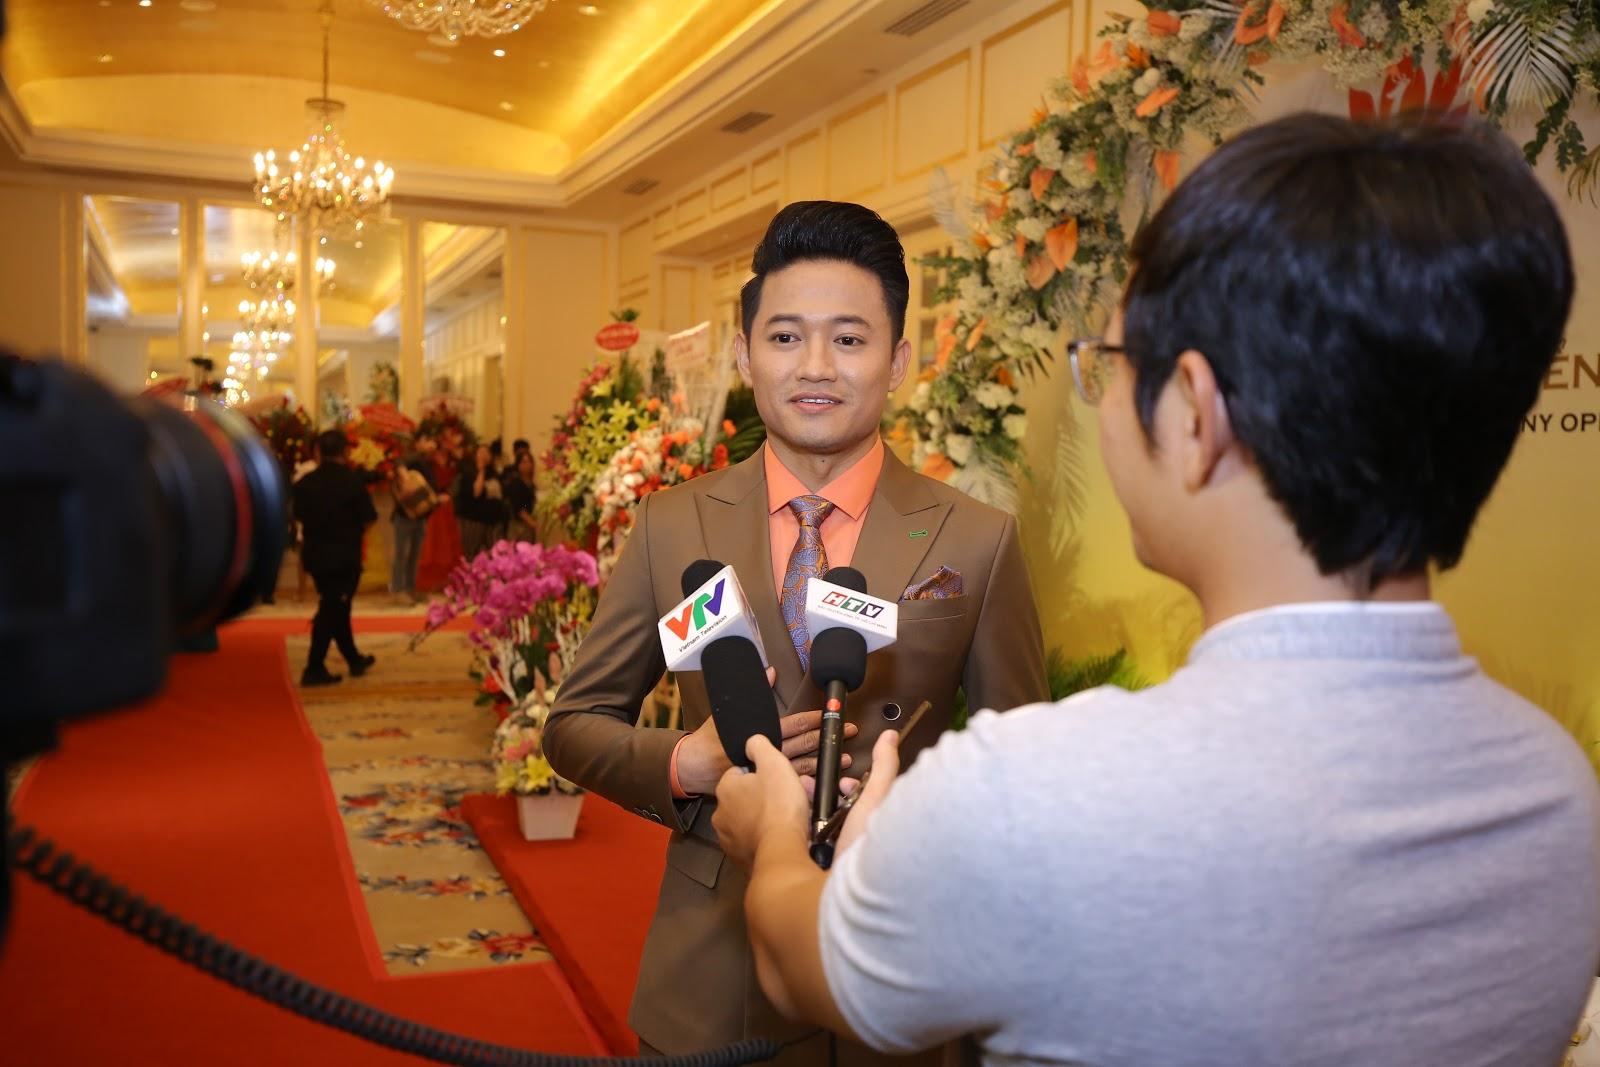 Quý Bình lên chức ông chủ được loạt mỹ nhân showbiz tới chúc mừng - Hình 1